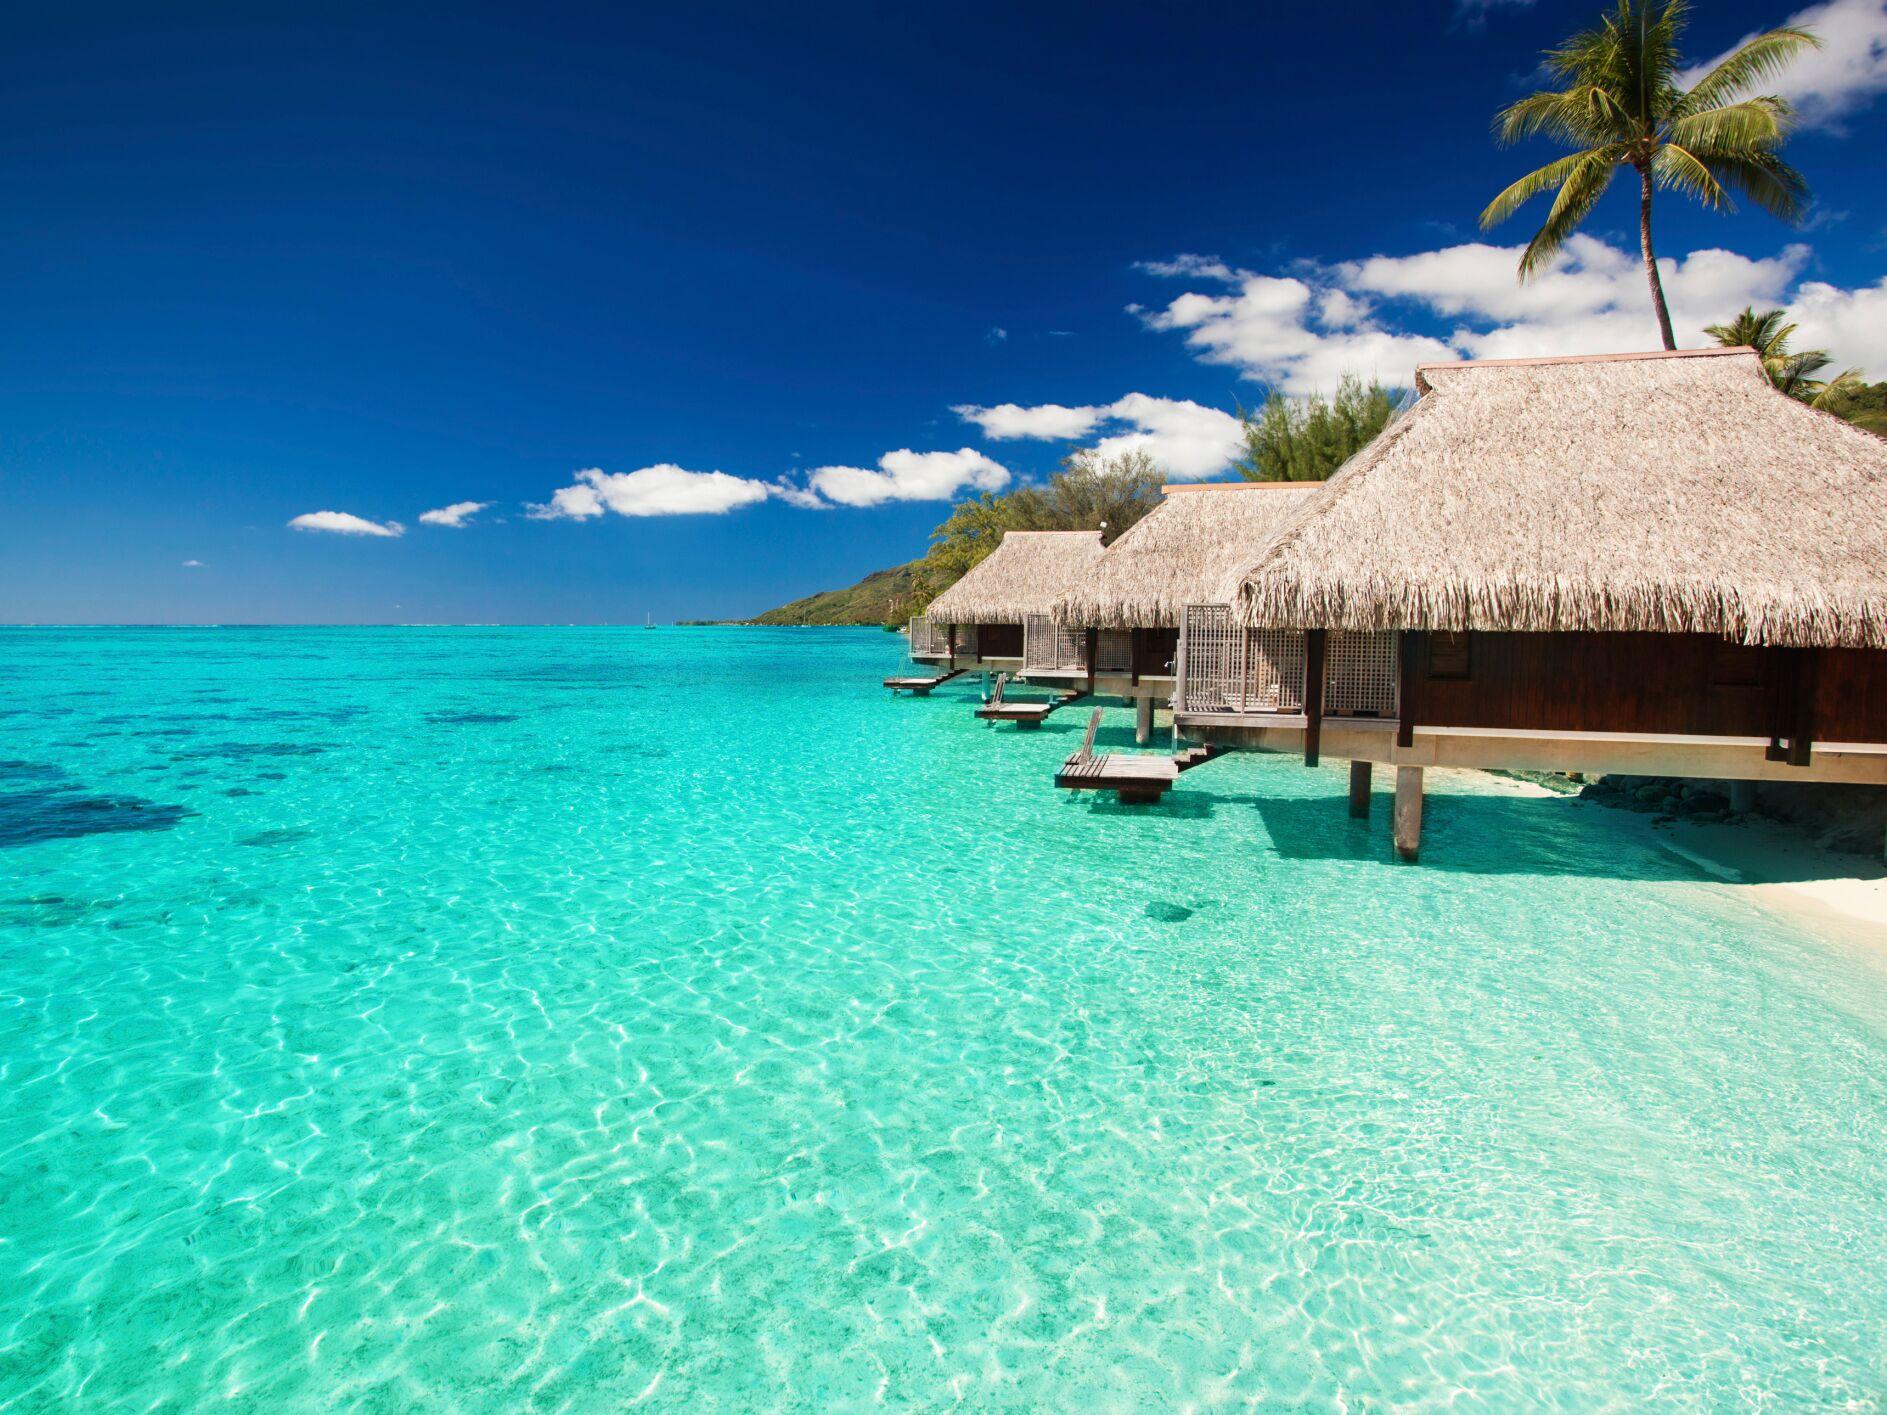 50 Best Honeymoon Destinations For A